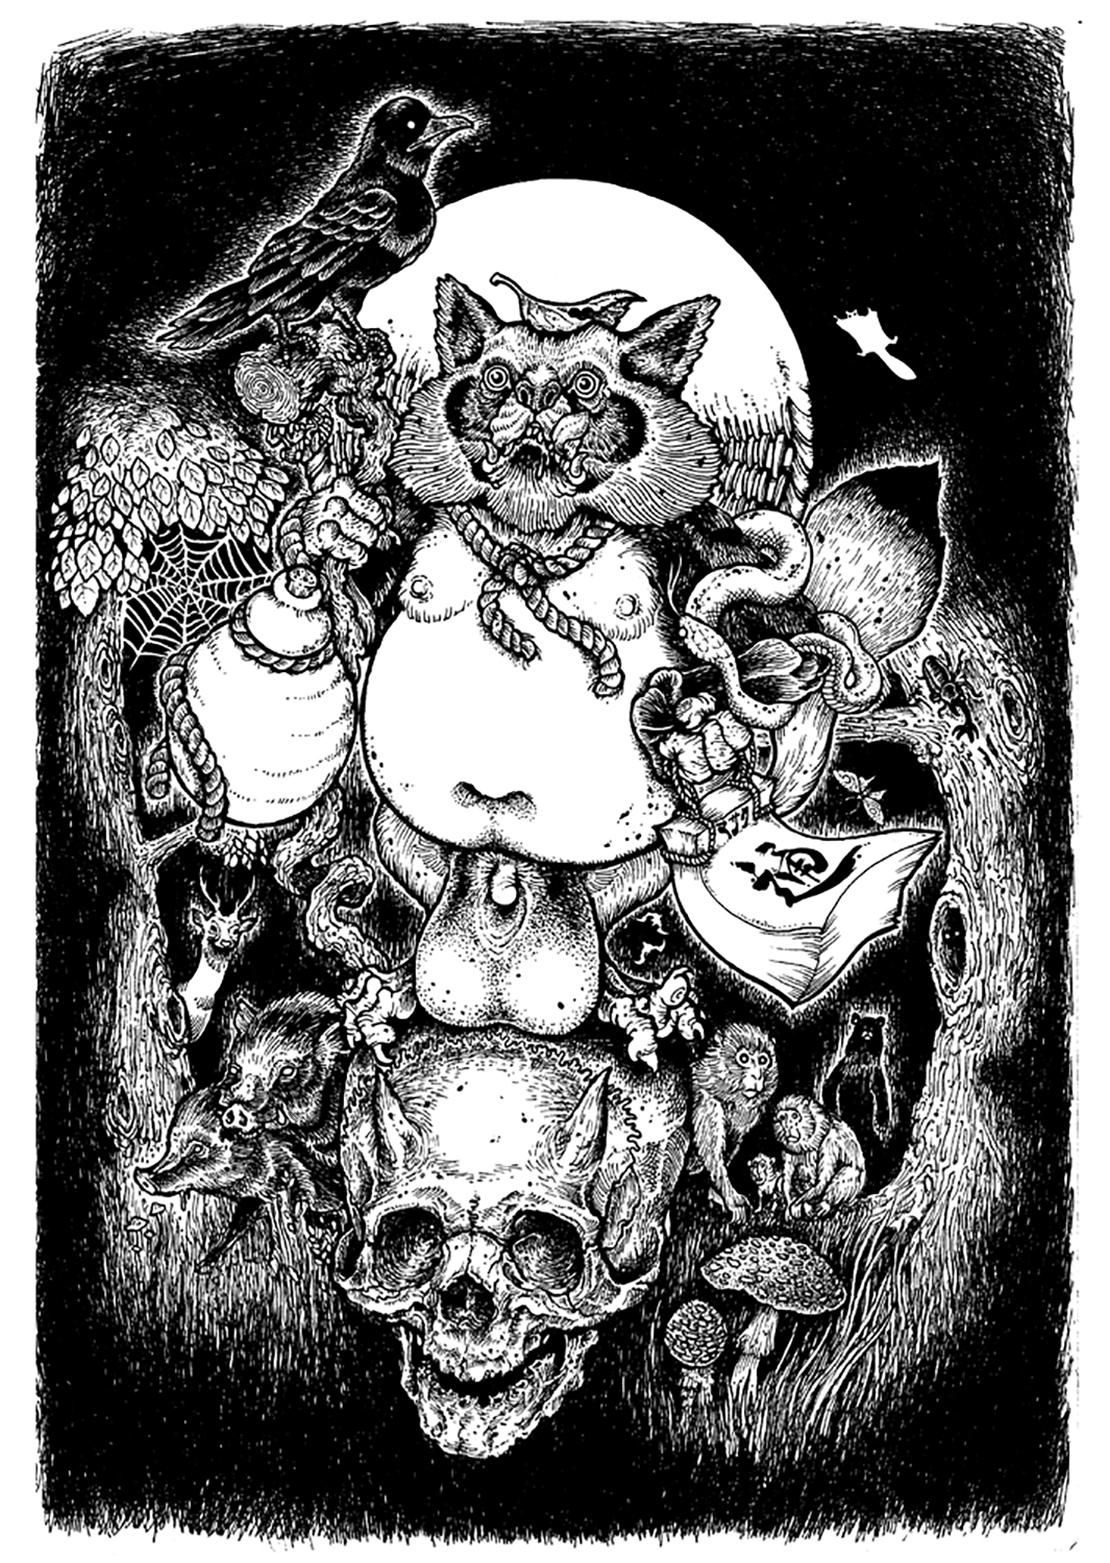 resize_pics_3 「フジロックが江戸時代にあったなら」を描いたのは誰? 富士祭電子瓦版のキービジュアルにまつわるお話。